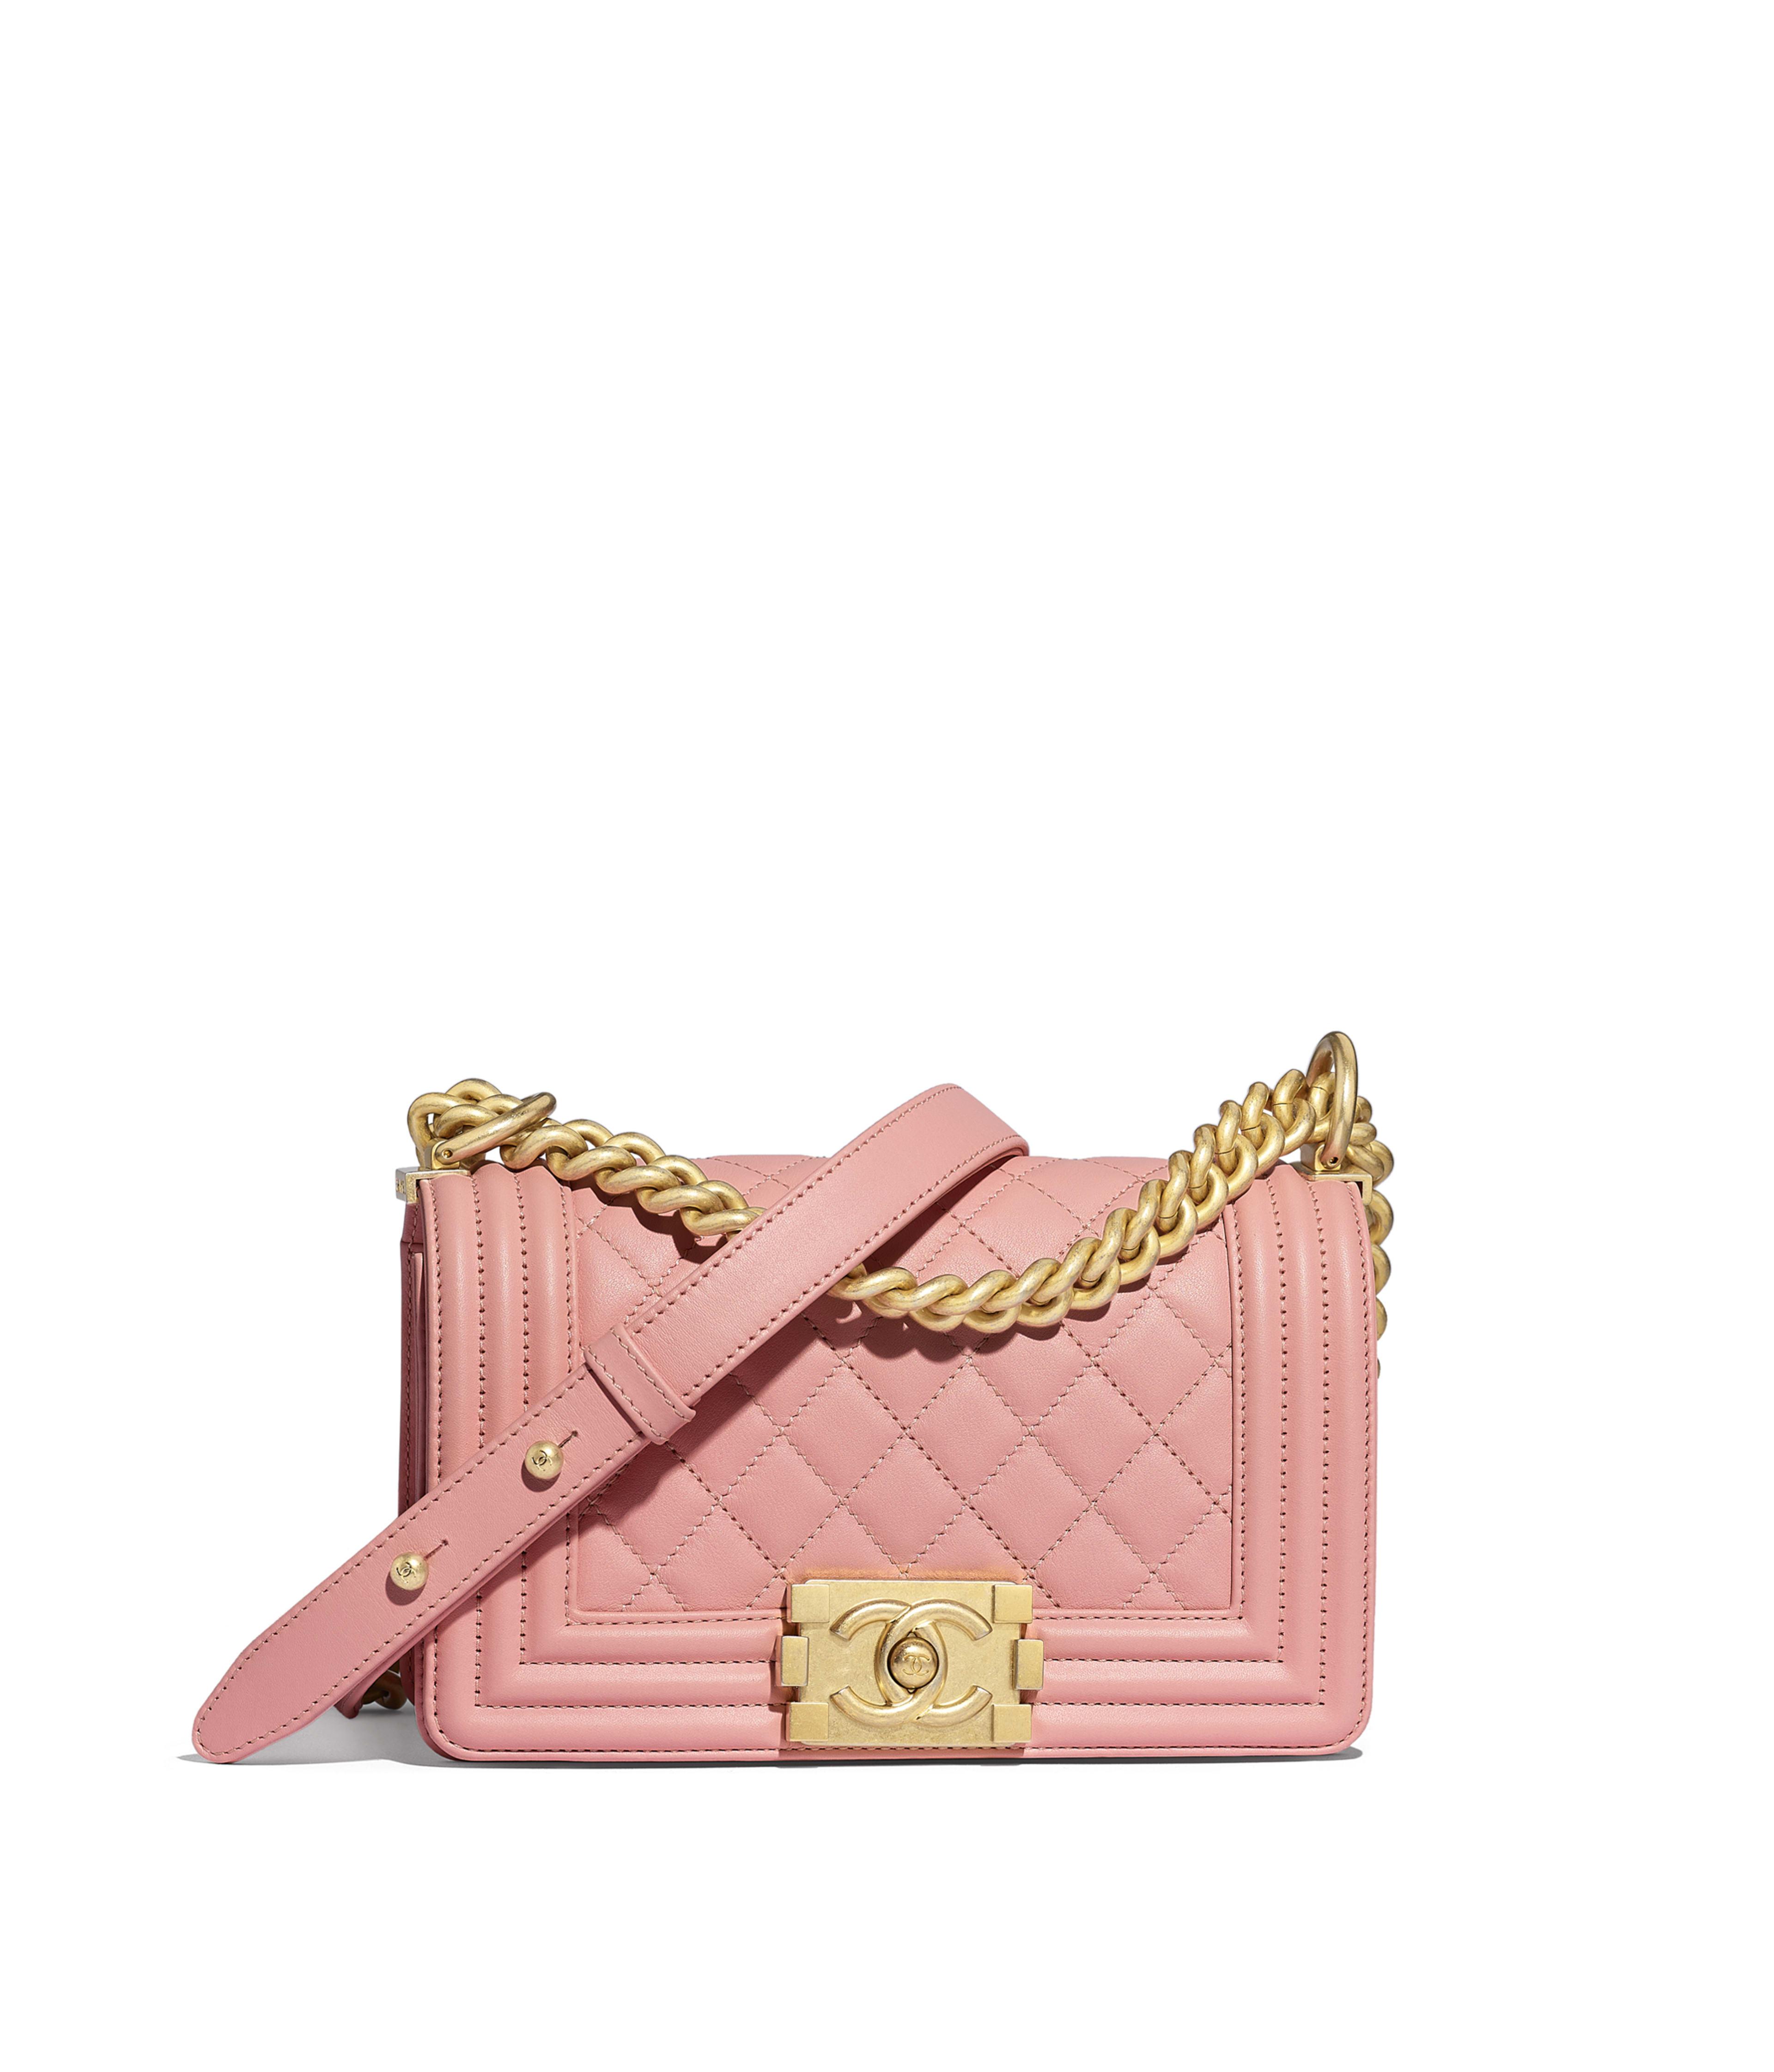 6afb749bf0a Small BOY CHANEL Handbag Calfskin & Gold-Tone Metal, Pink Ref.  A67085Y09939N0897